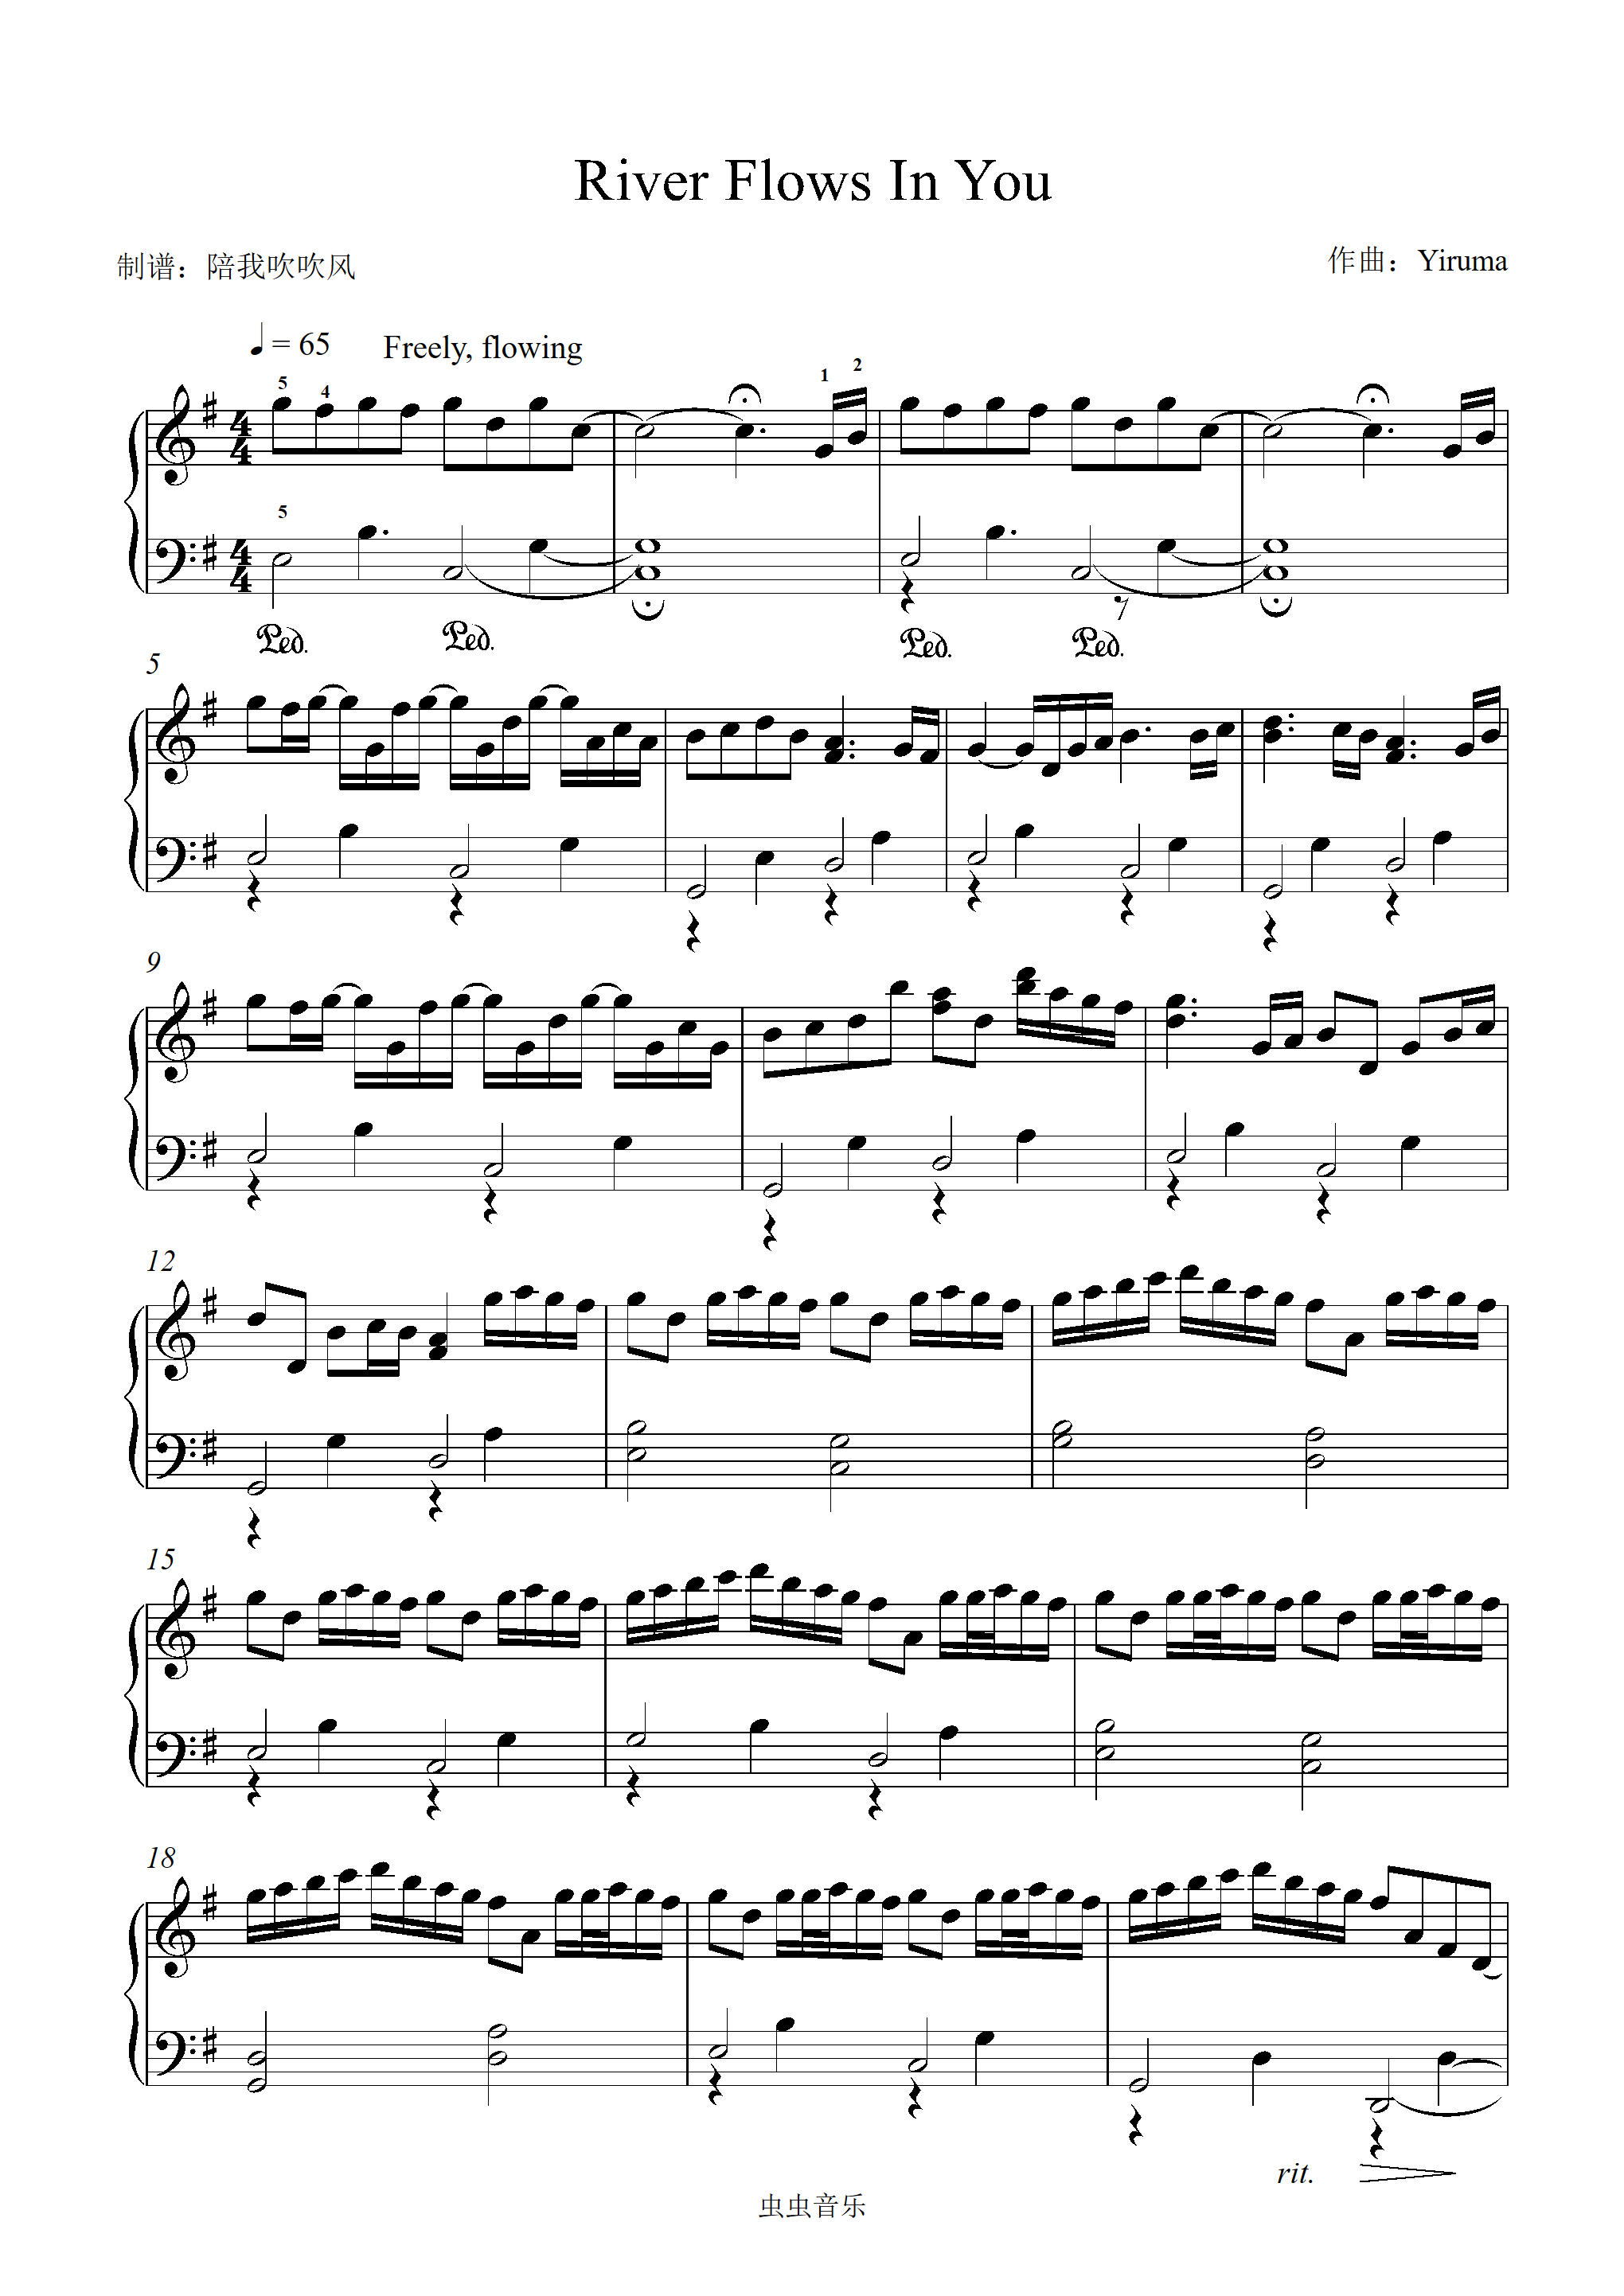 卡农钢琴曲曲谱虫虫_River Flows In You钢琴谱_G调独奏谱_Yiruma_钢琴独奏视频_原版钢琴谱 ...